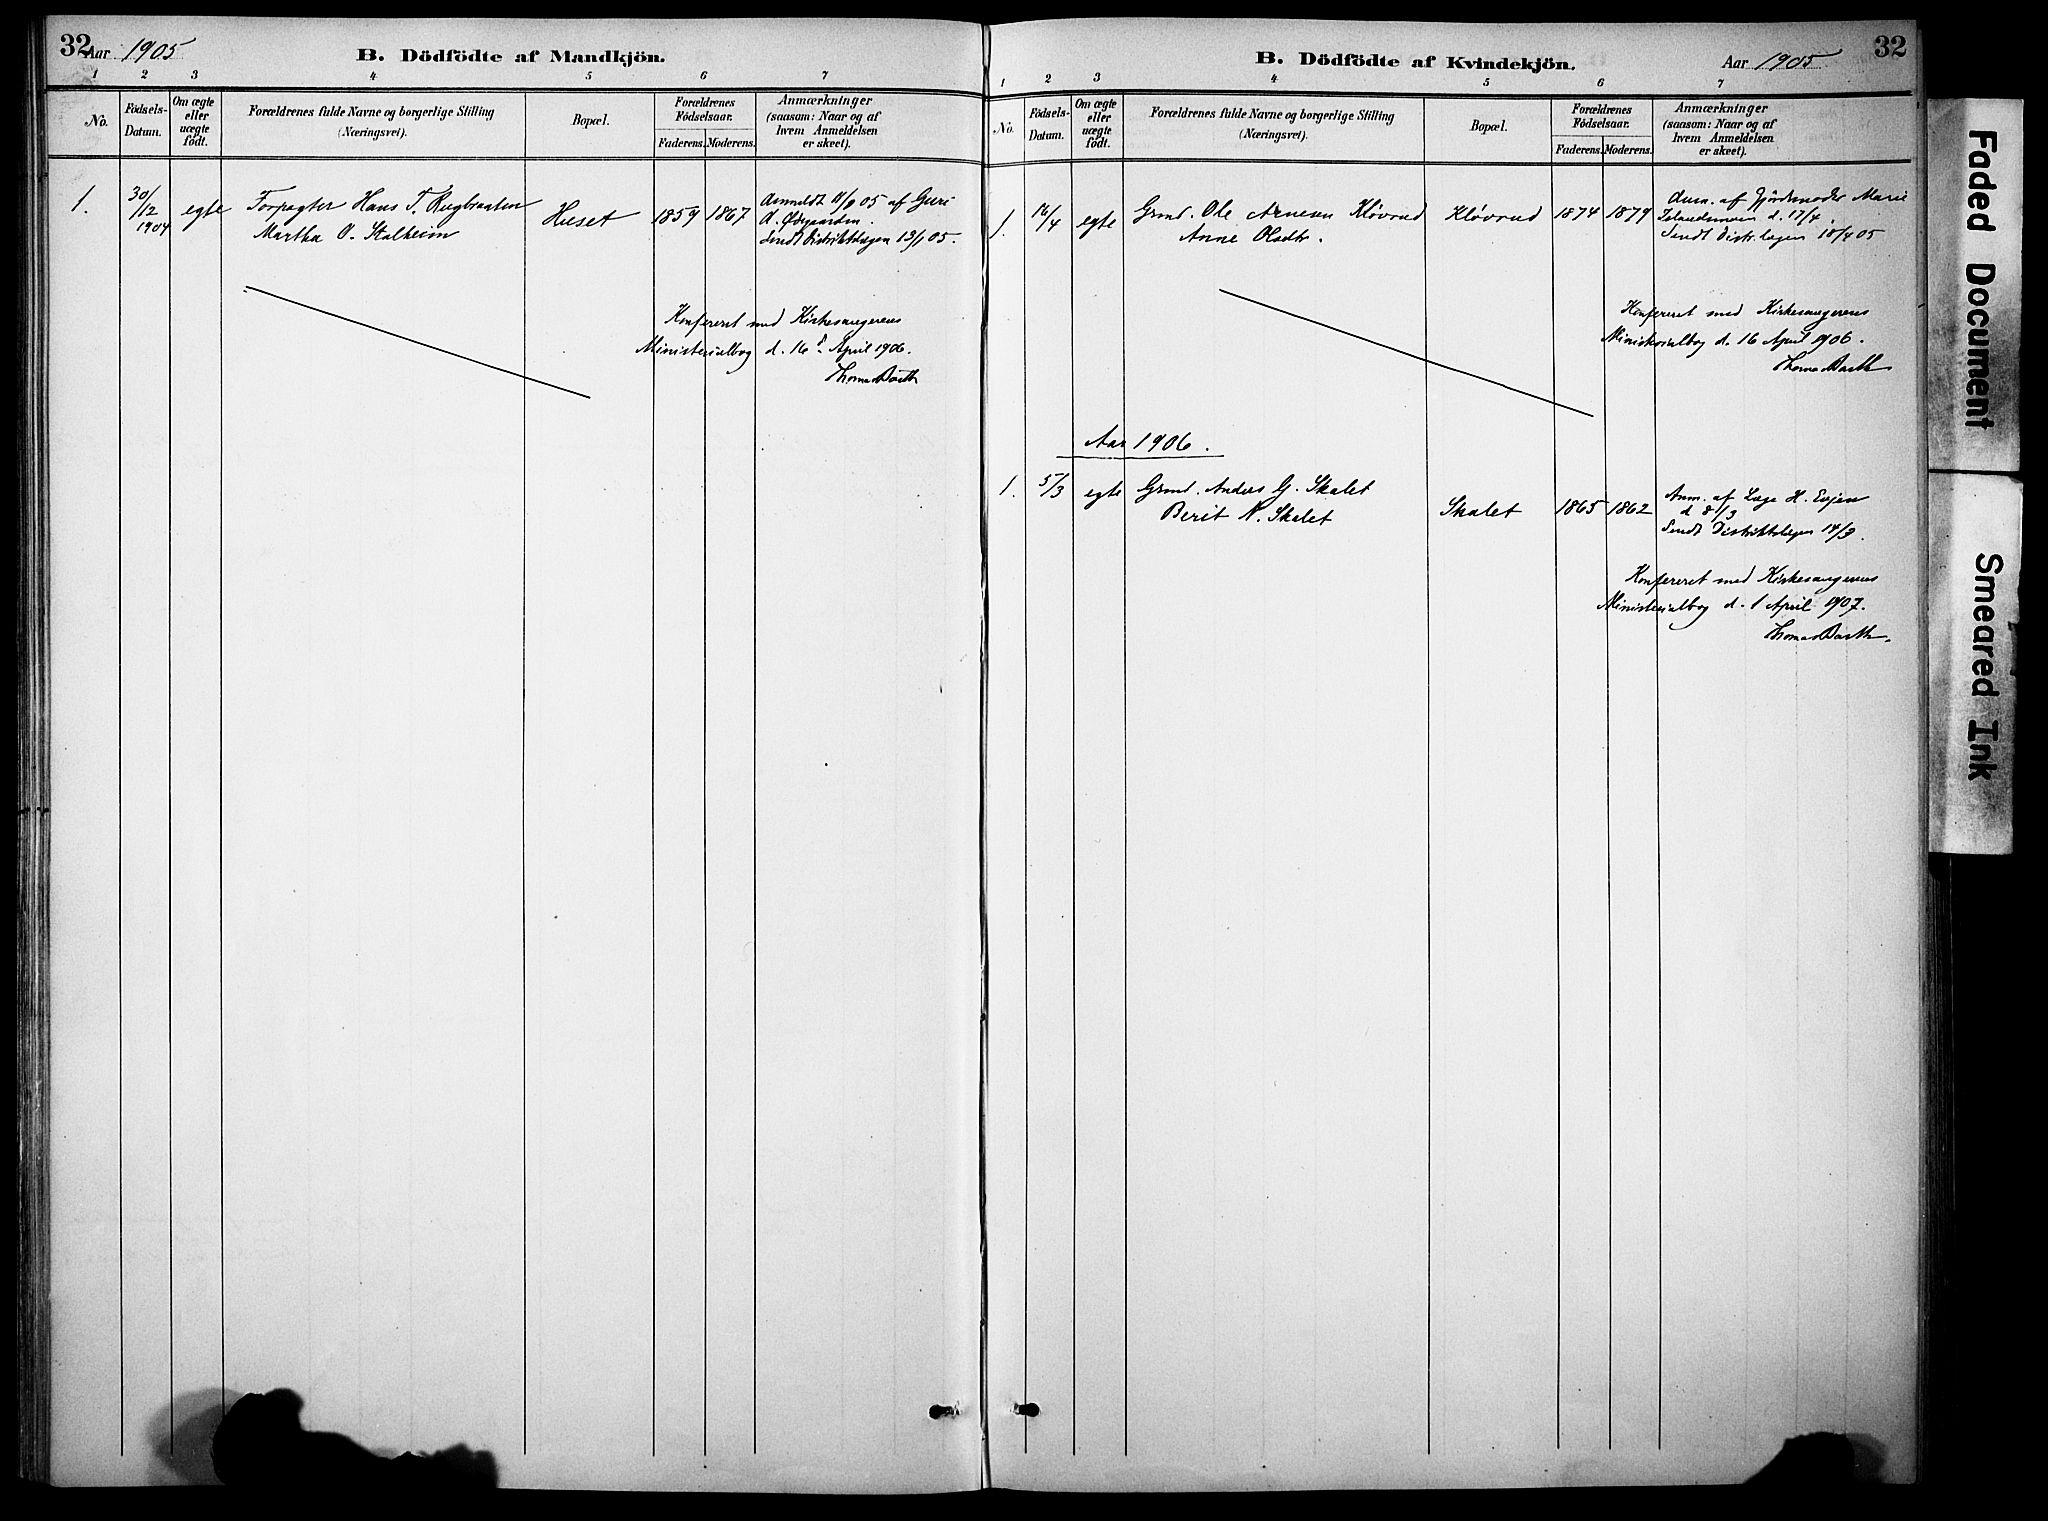 SAH, Sør-Aurdal prestekontor, Ministerialbok nr. 10, 1886-1906, s. 32